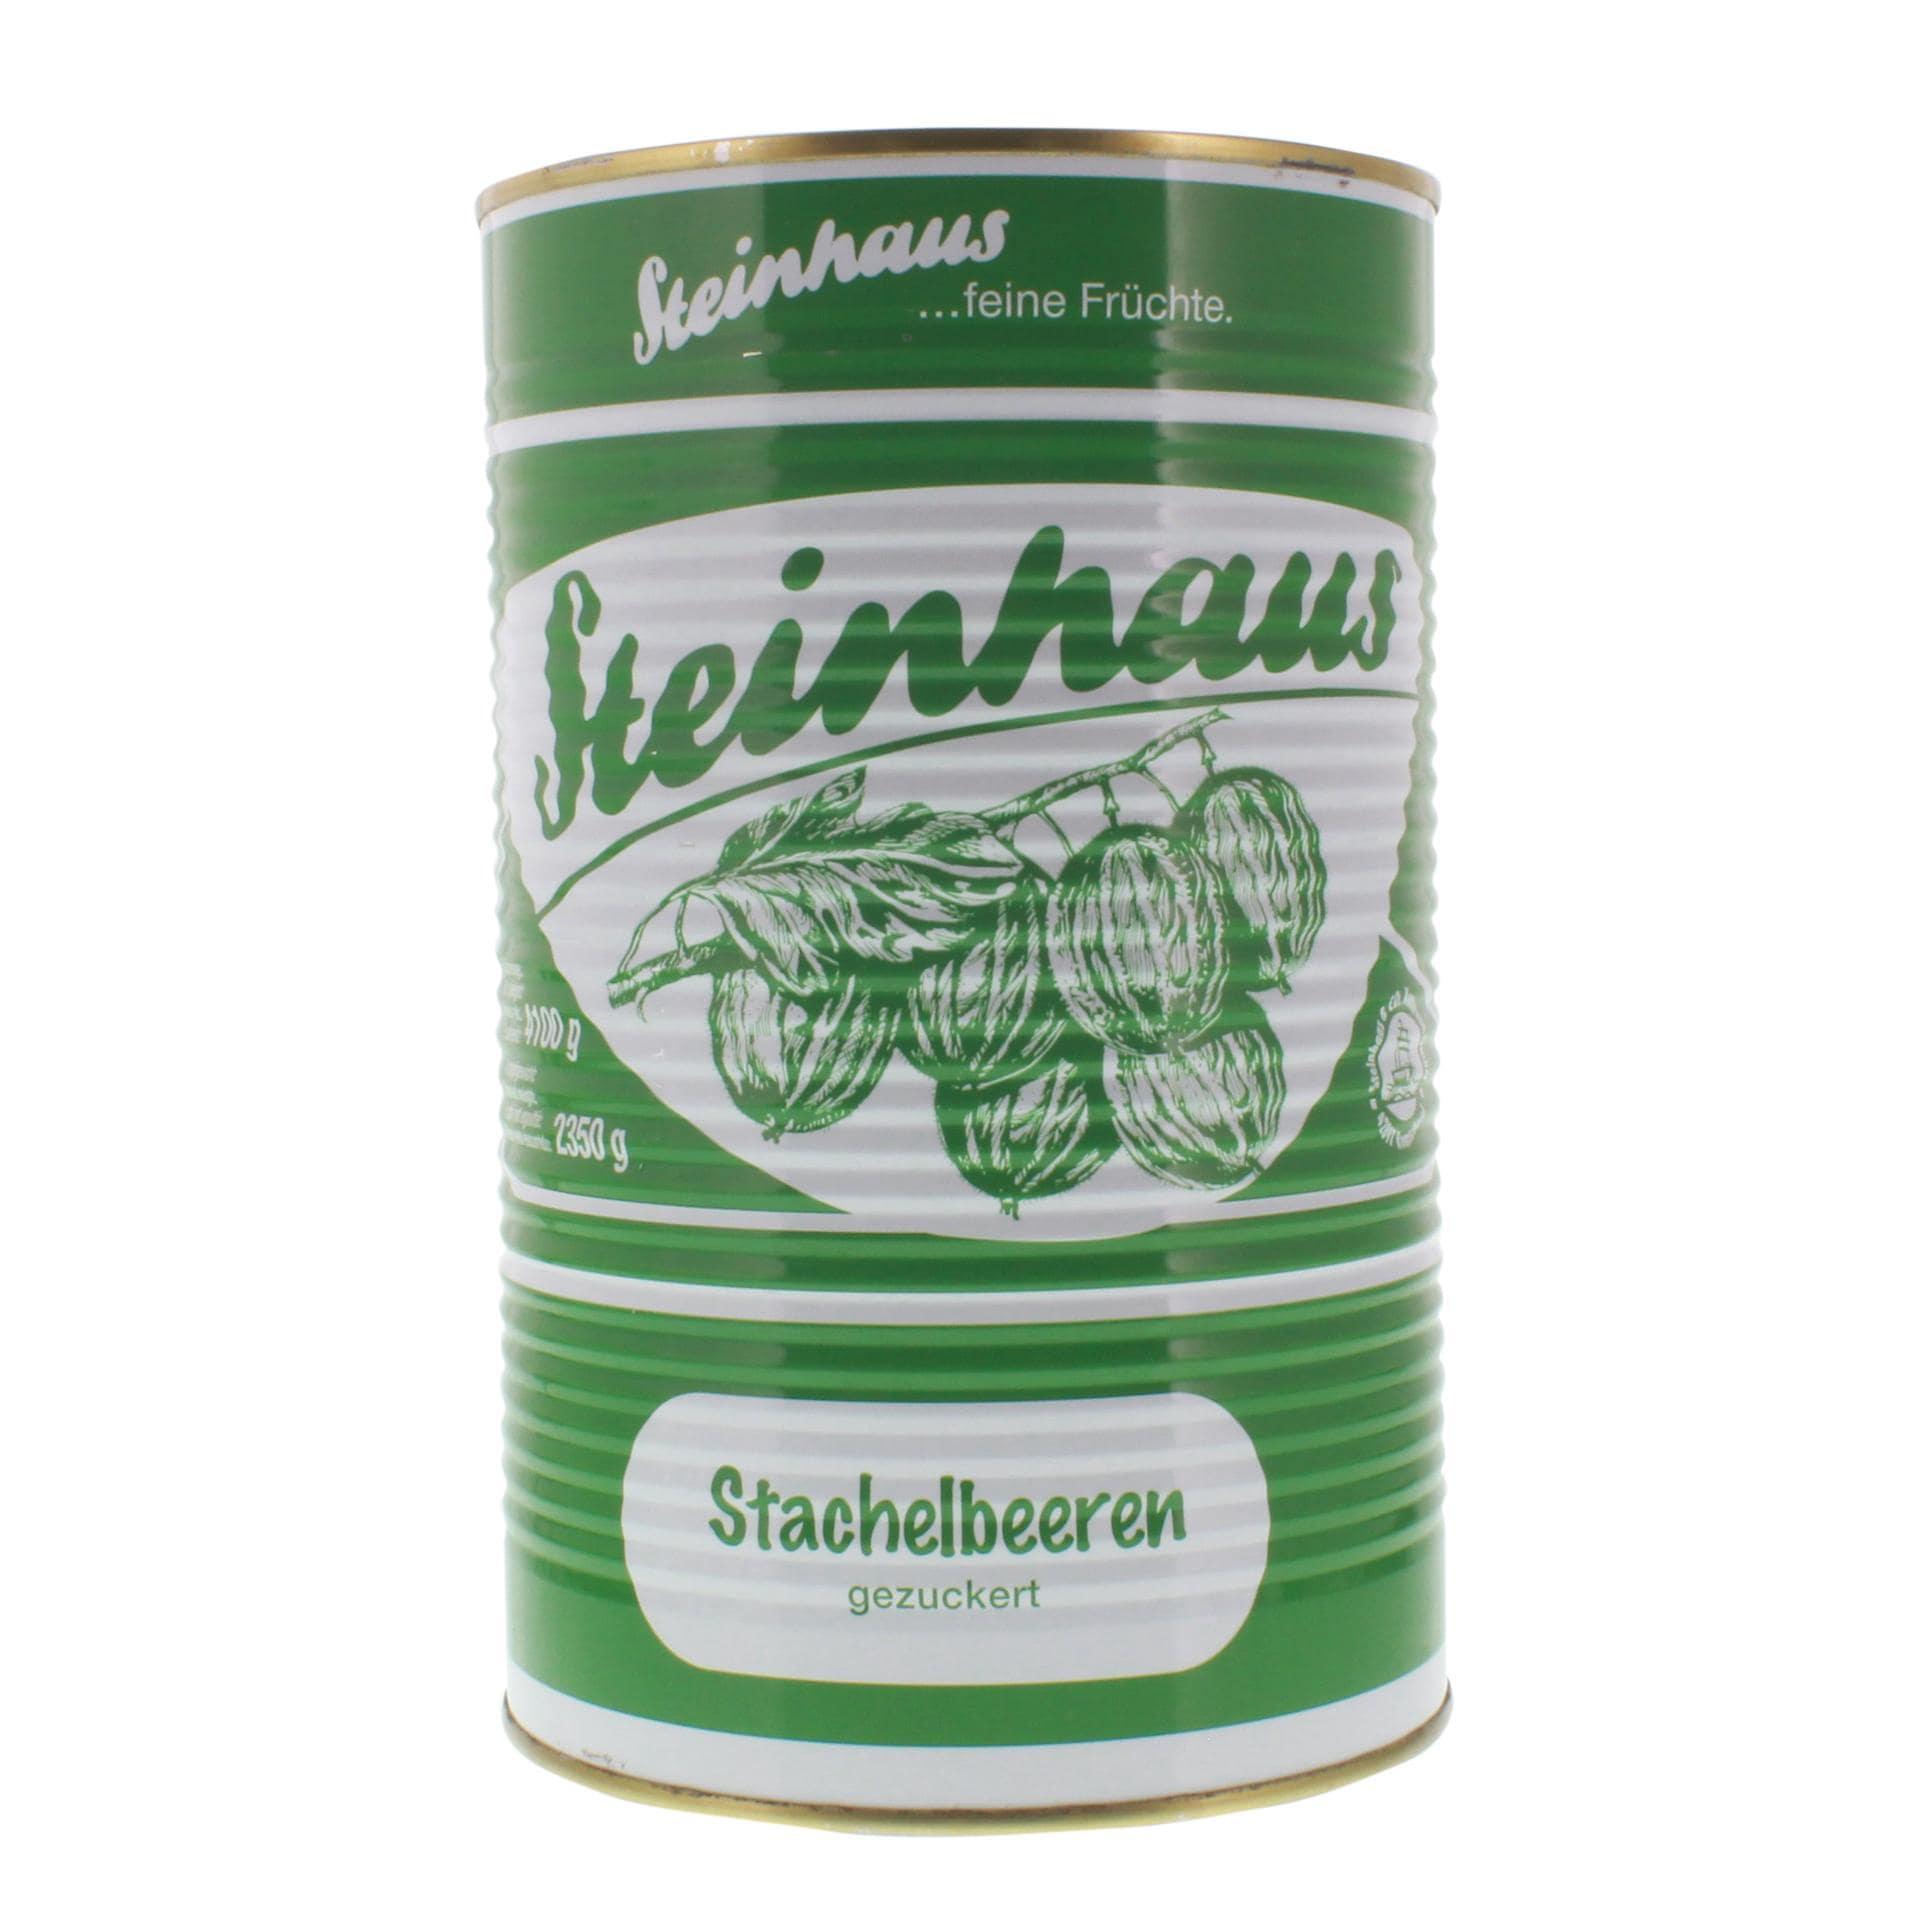 Steinhaus Stachelbeeren gezuckert 2,35kg